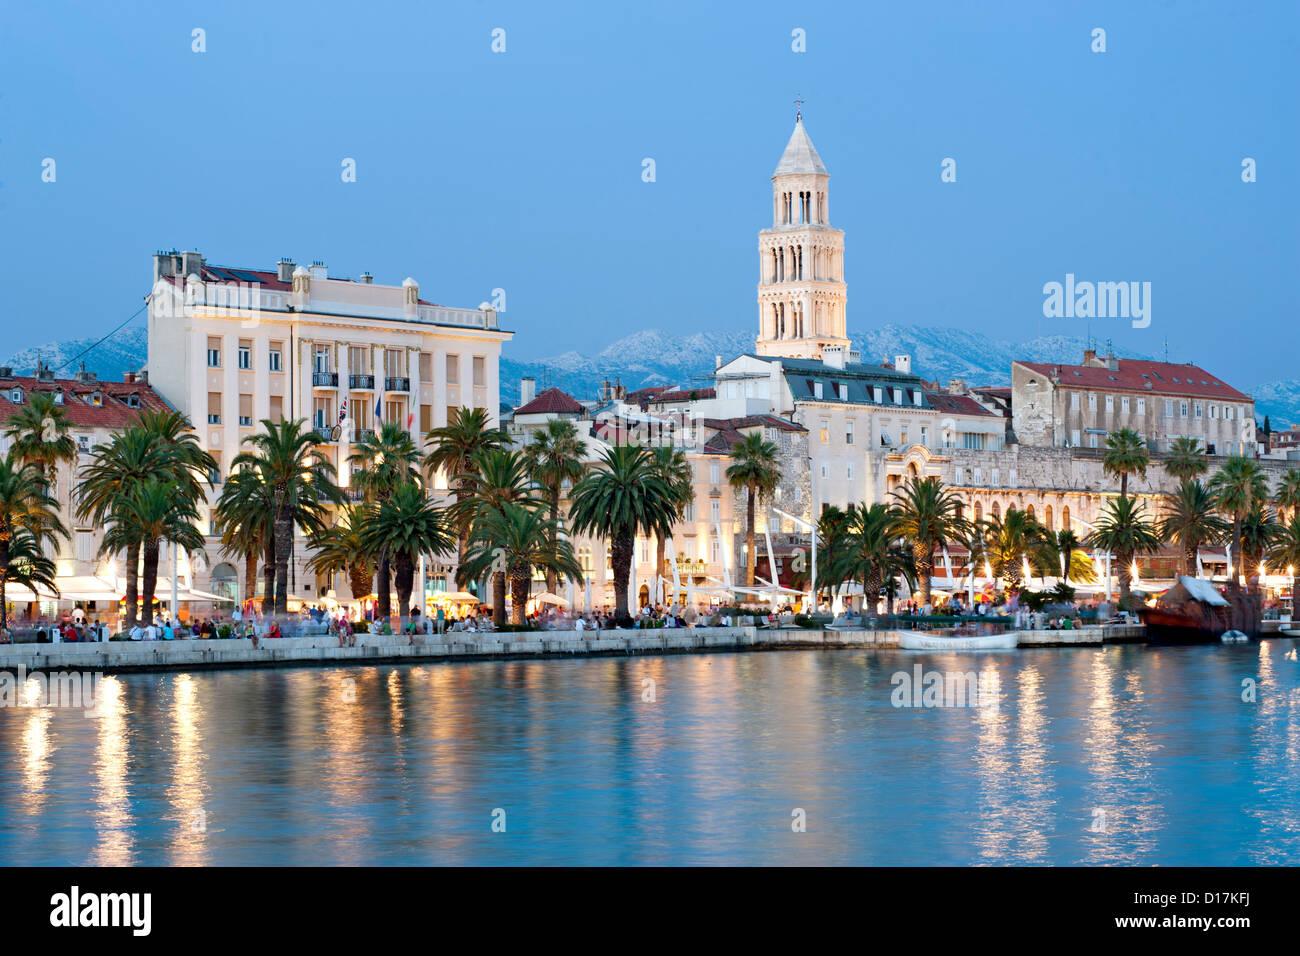 Abenddämmerung Blick auf die Uferpromenade und der Turm der Kathedrale des Heiligen Domnius in der Stadt Split Stockbild